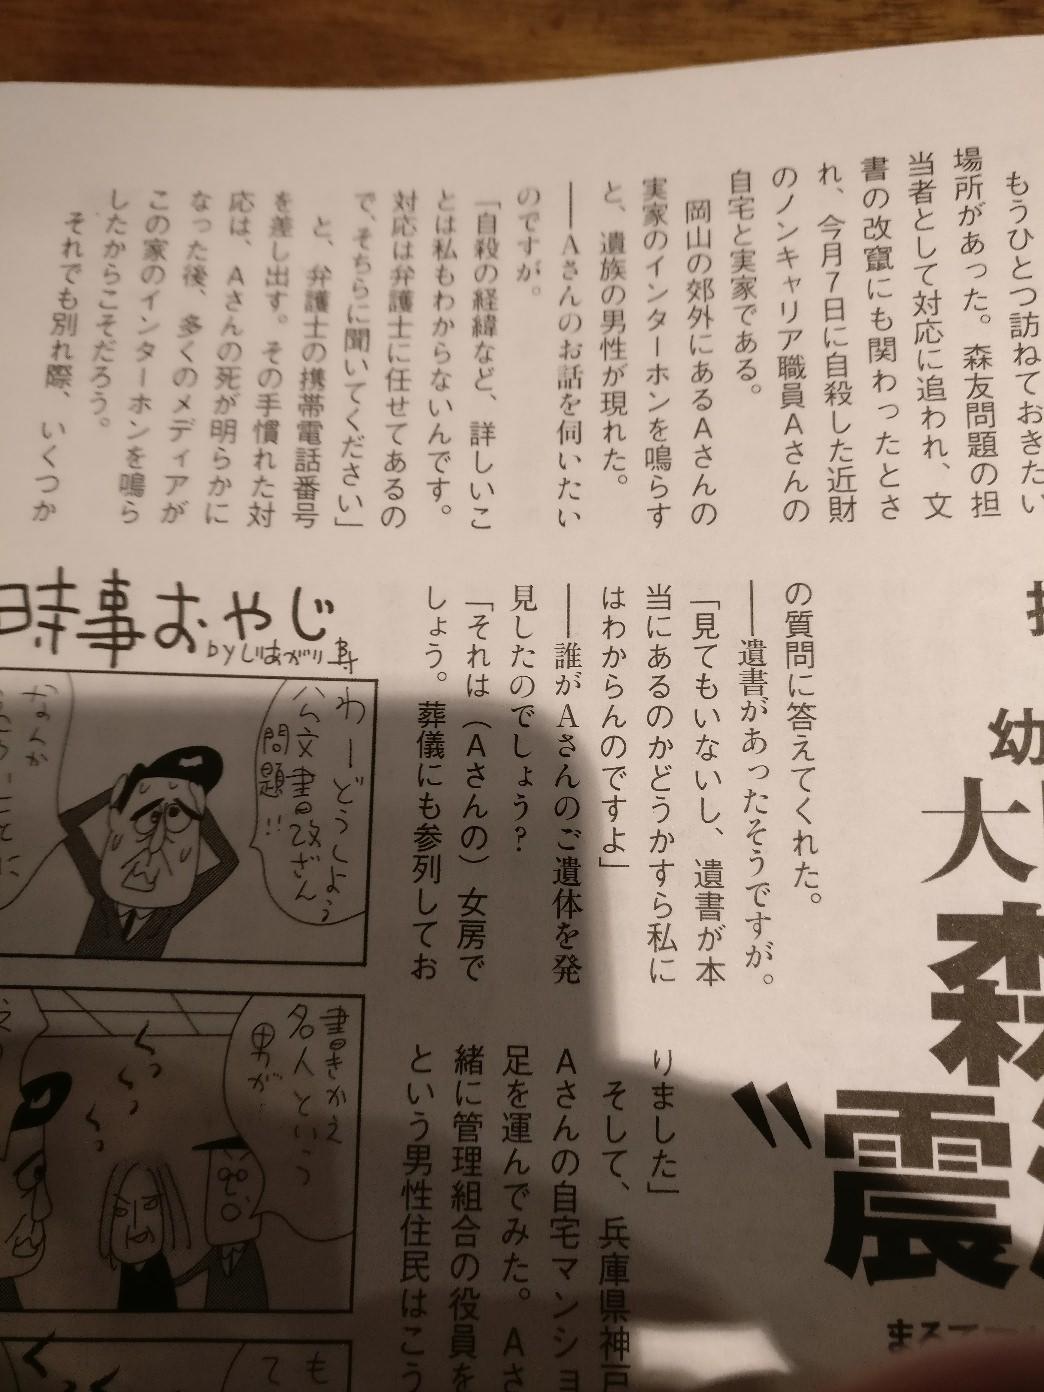 文春記事は「極めて不公正な取材」自殺した近畿財務局職員の遺族が抗議!